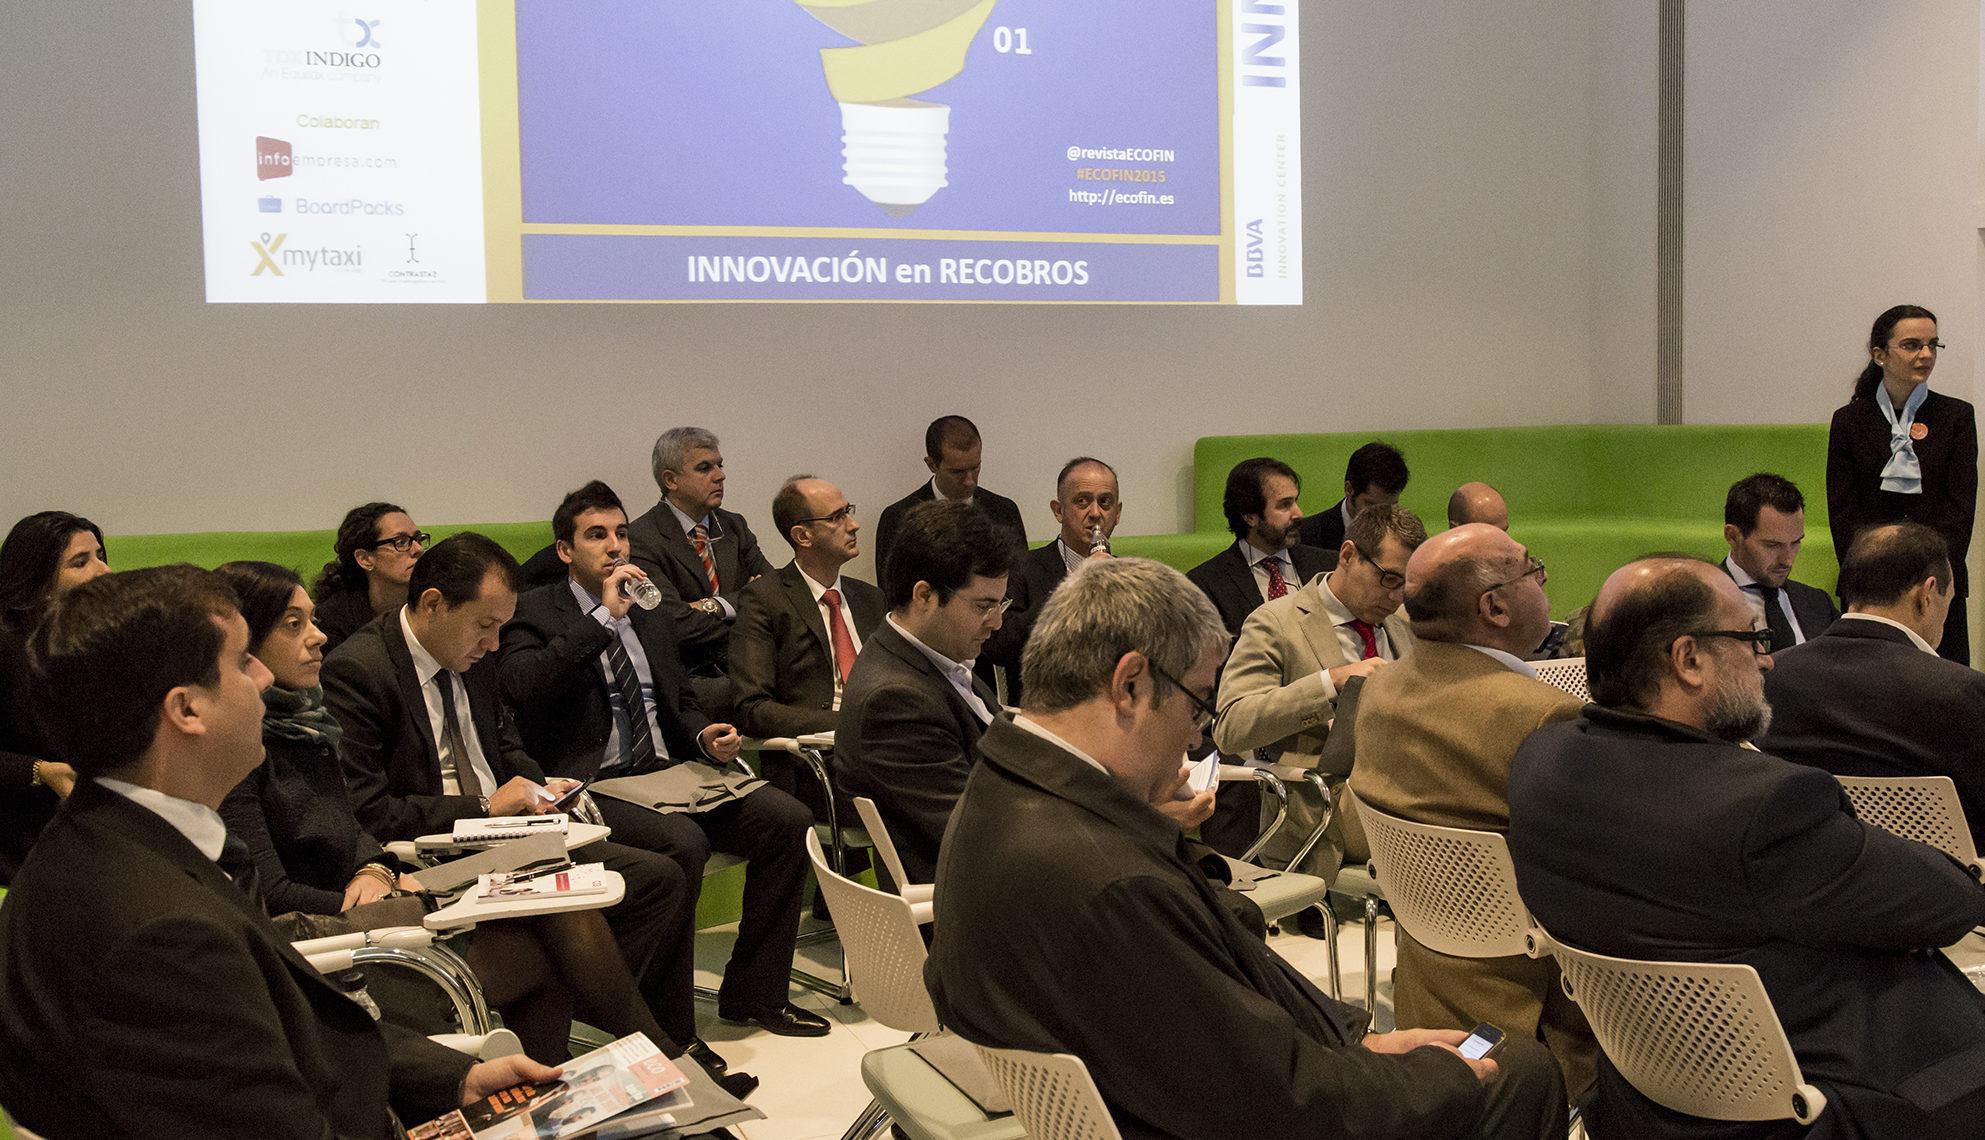 InnoDay es punto de encuentro entre tecnologías disruptivas y empresas de gran reconocimiento en el mundo de la innovación.